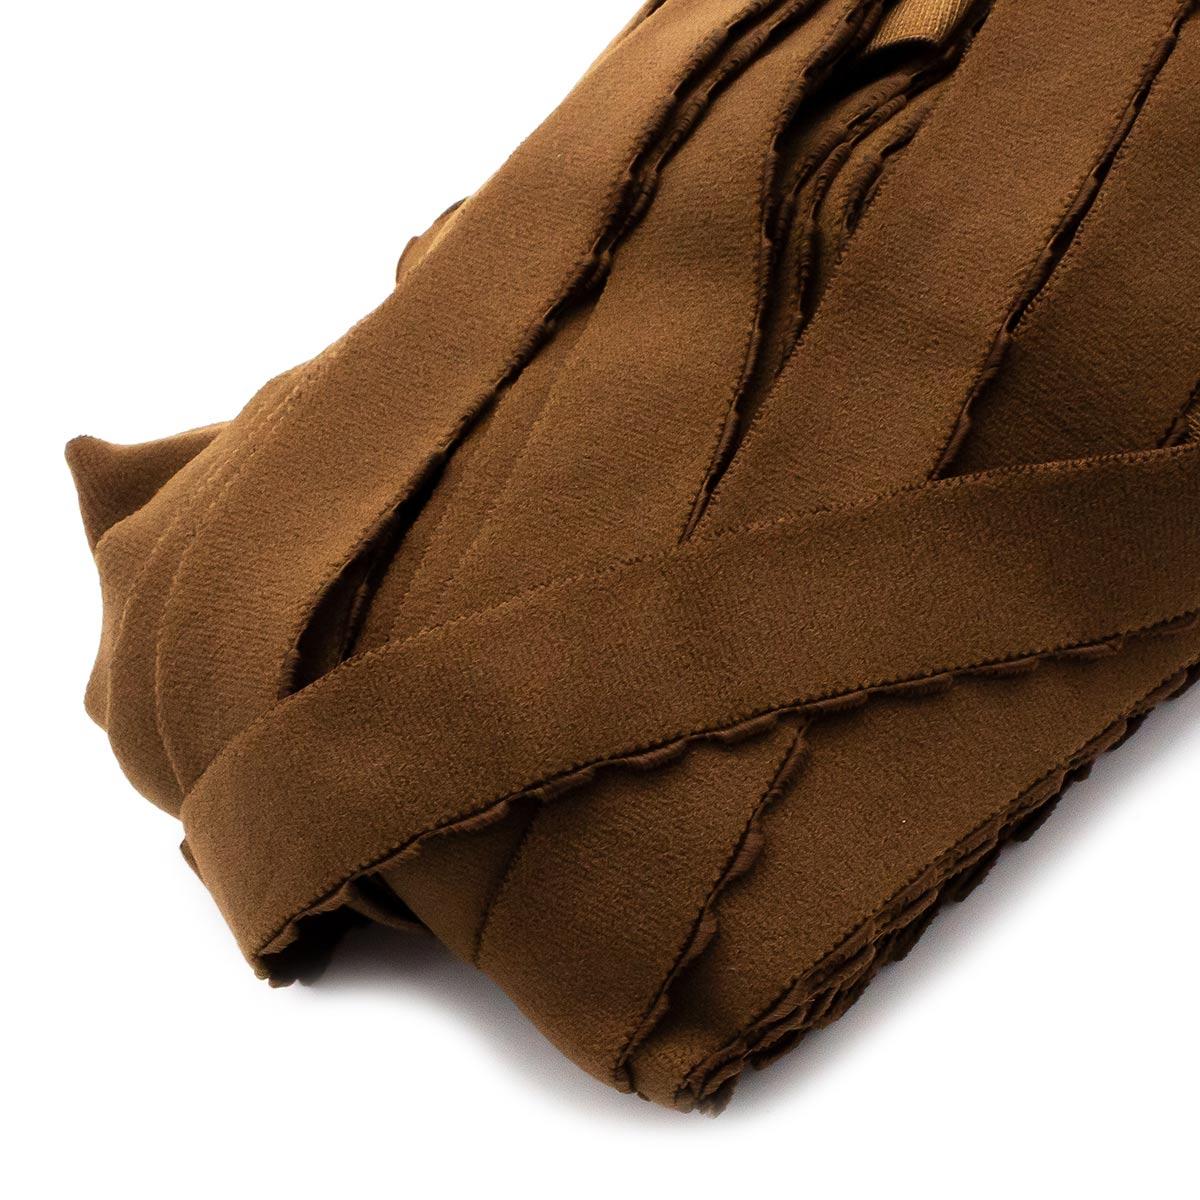 STP/28 эластичная отделочная лента 22мм*25м, молочный шоколад